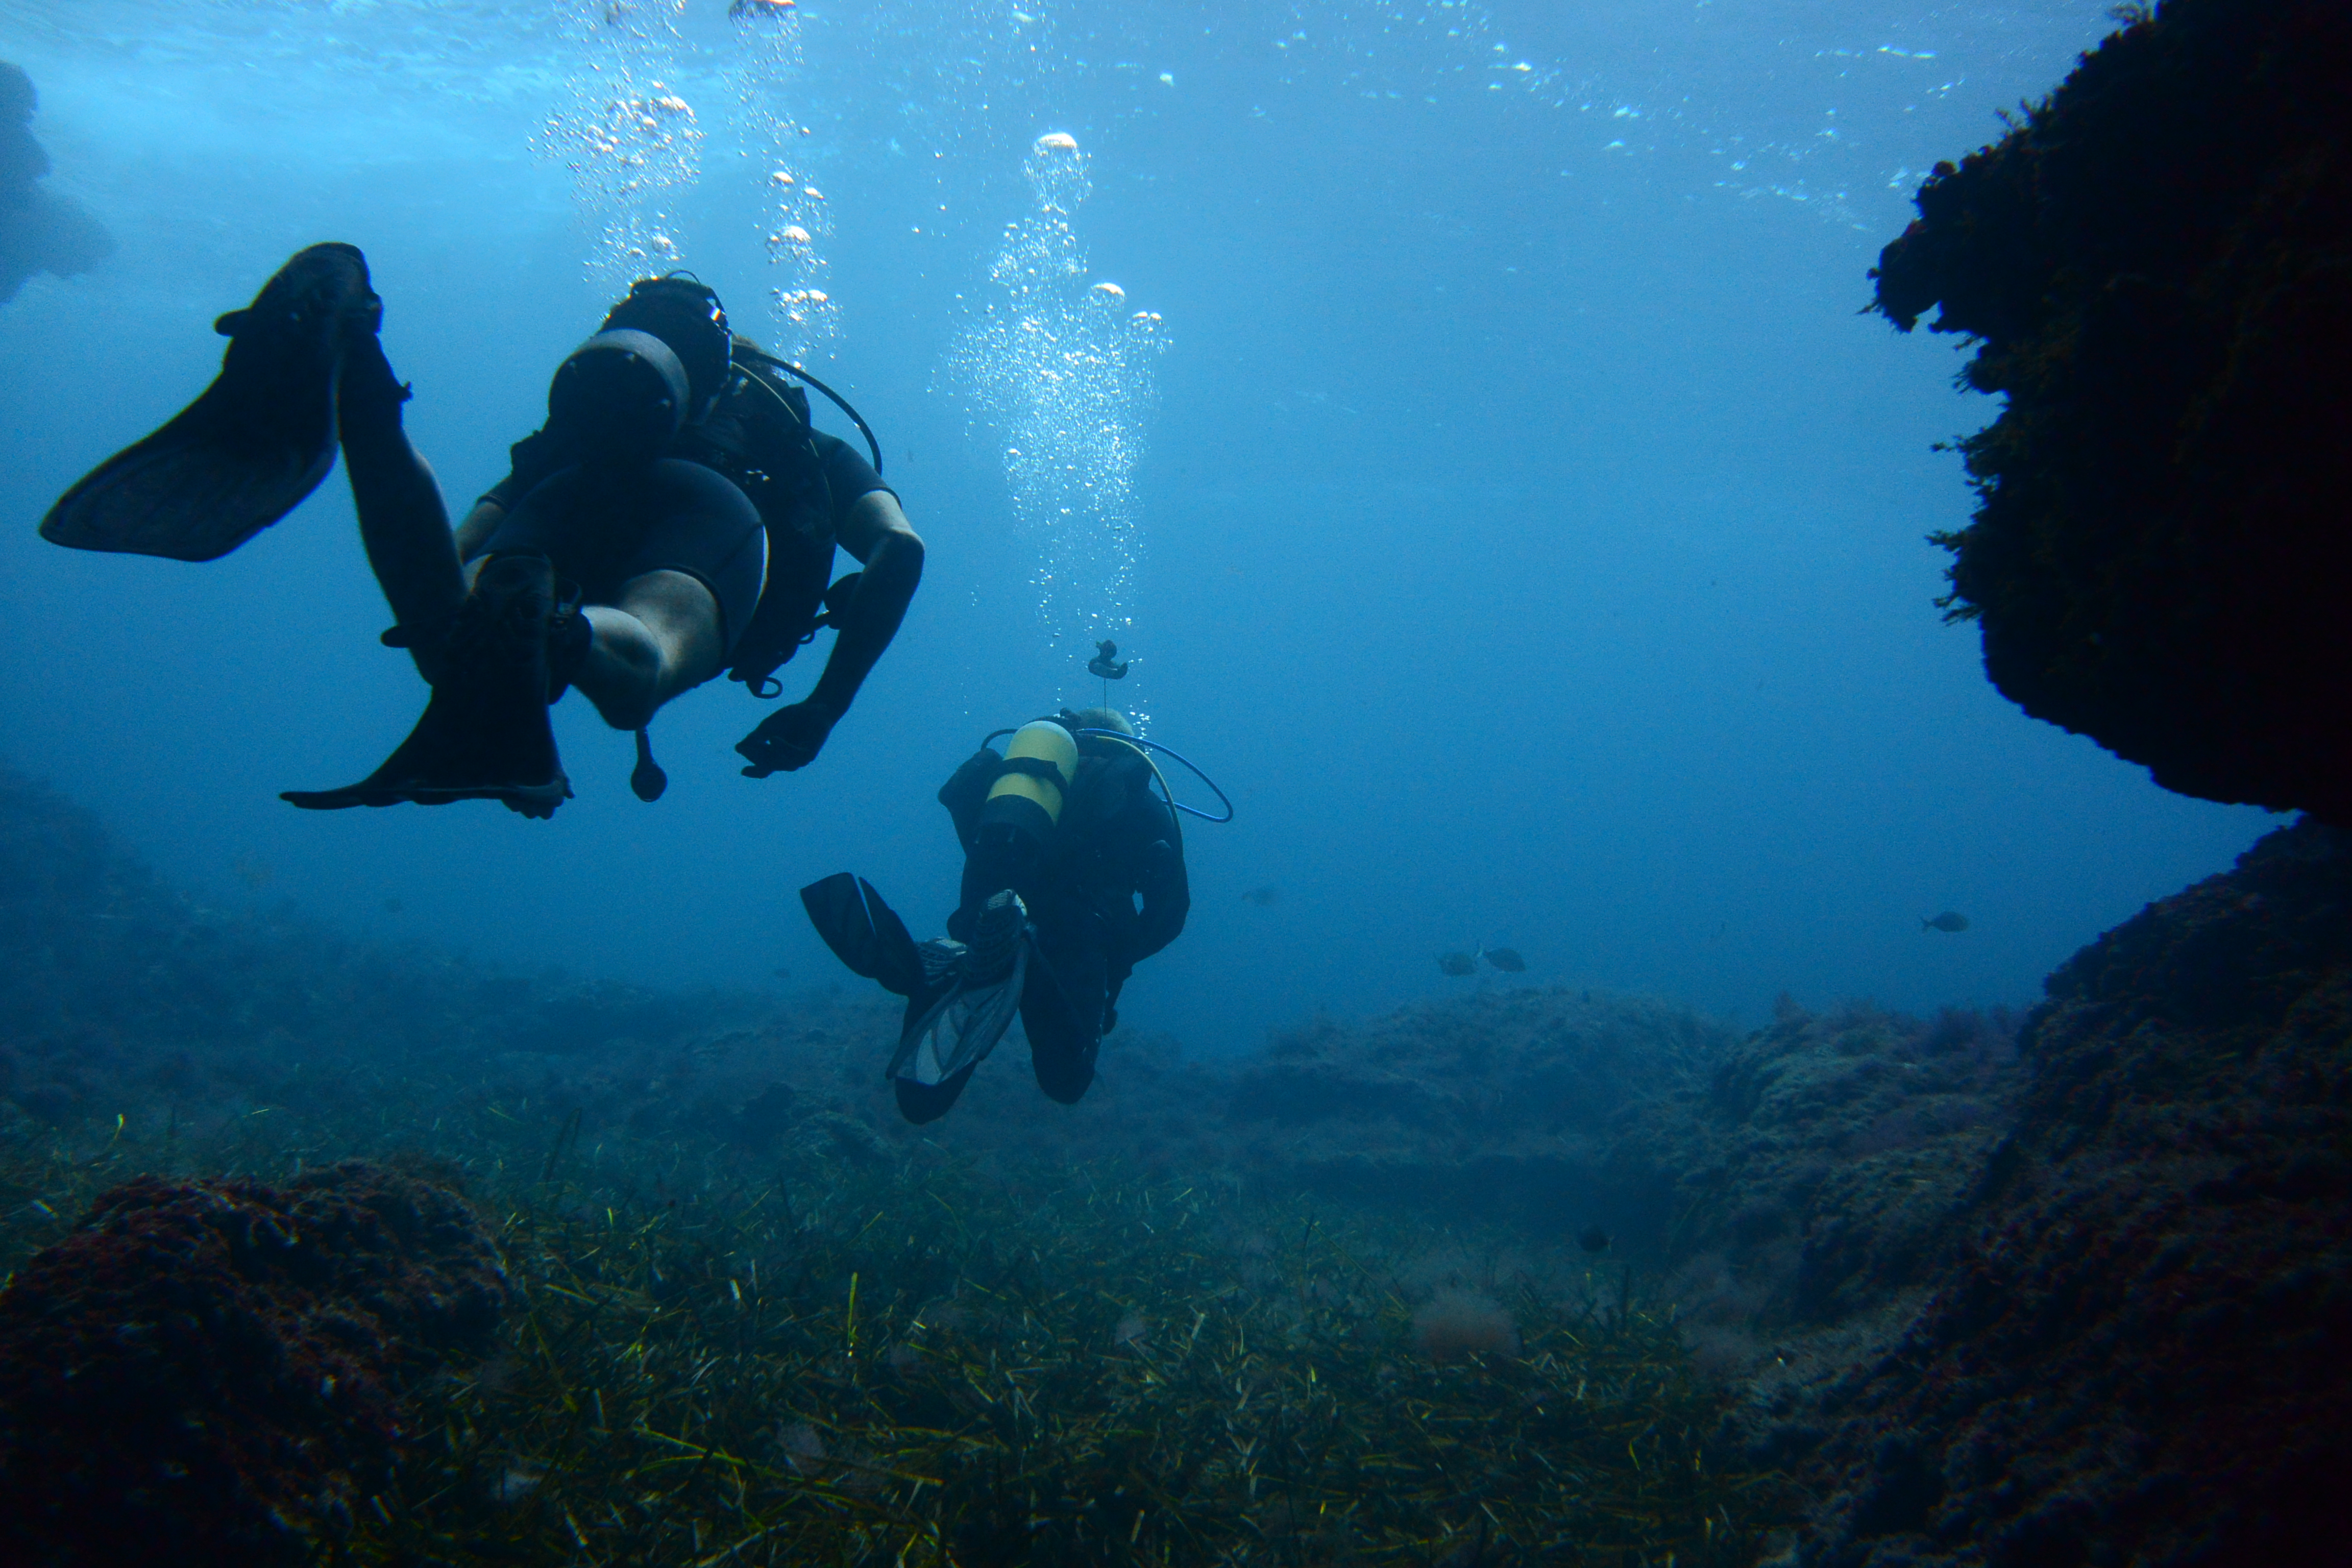 Защищенные камеры: Идеальны для подводной съемки. Тестовый снимок с Nikon 1 AW1.